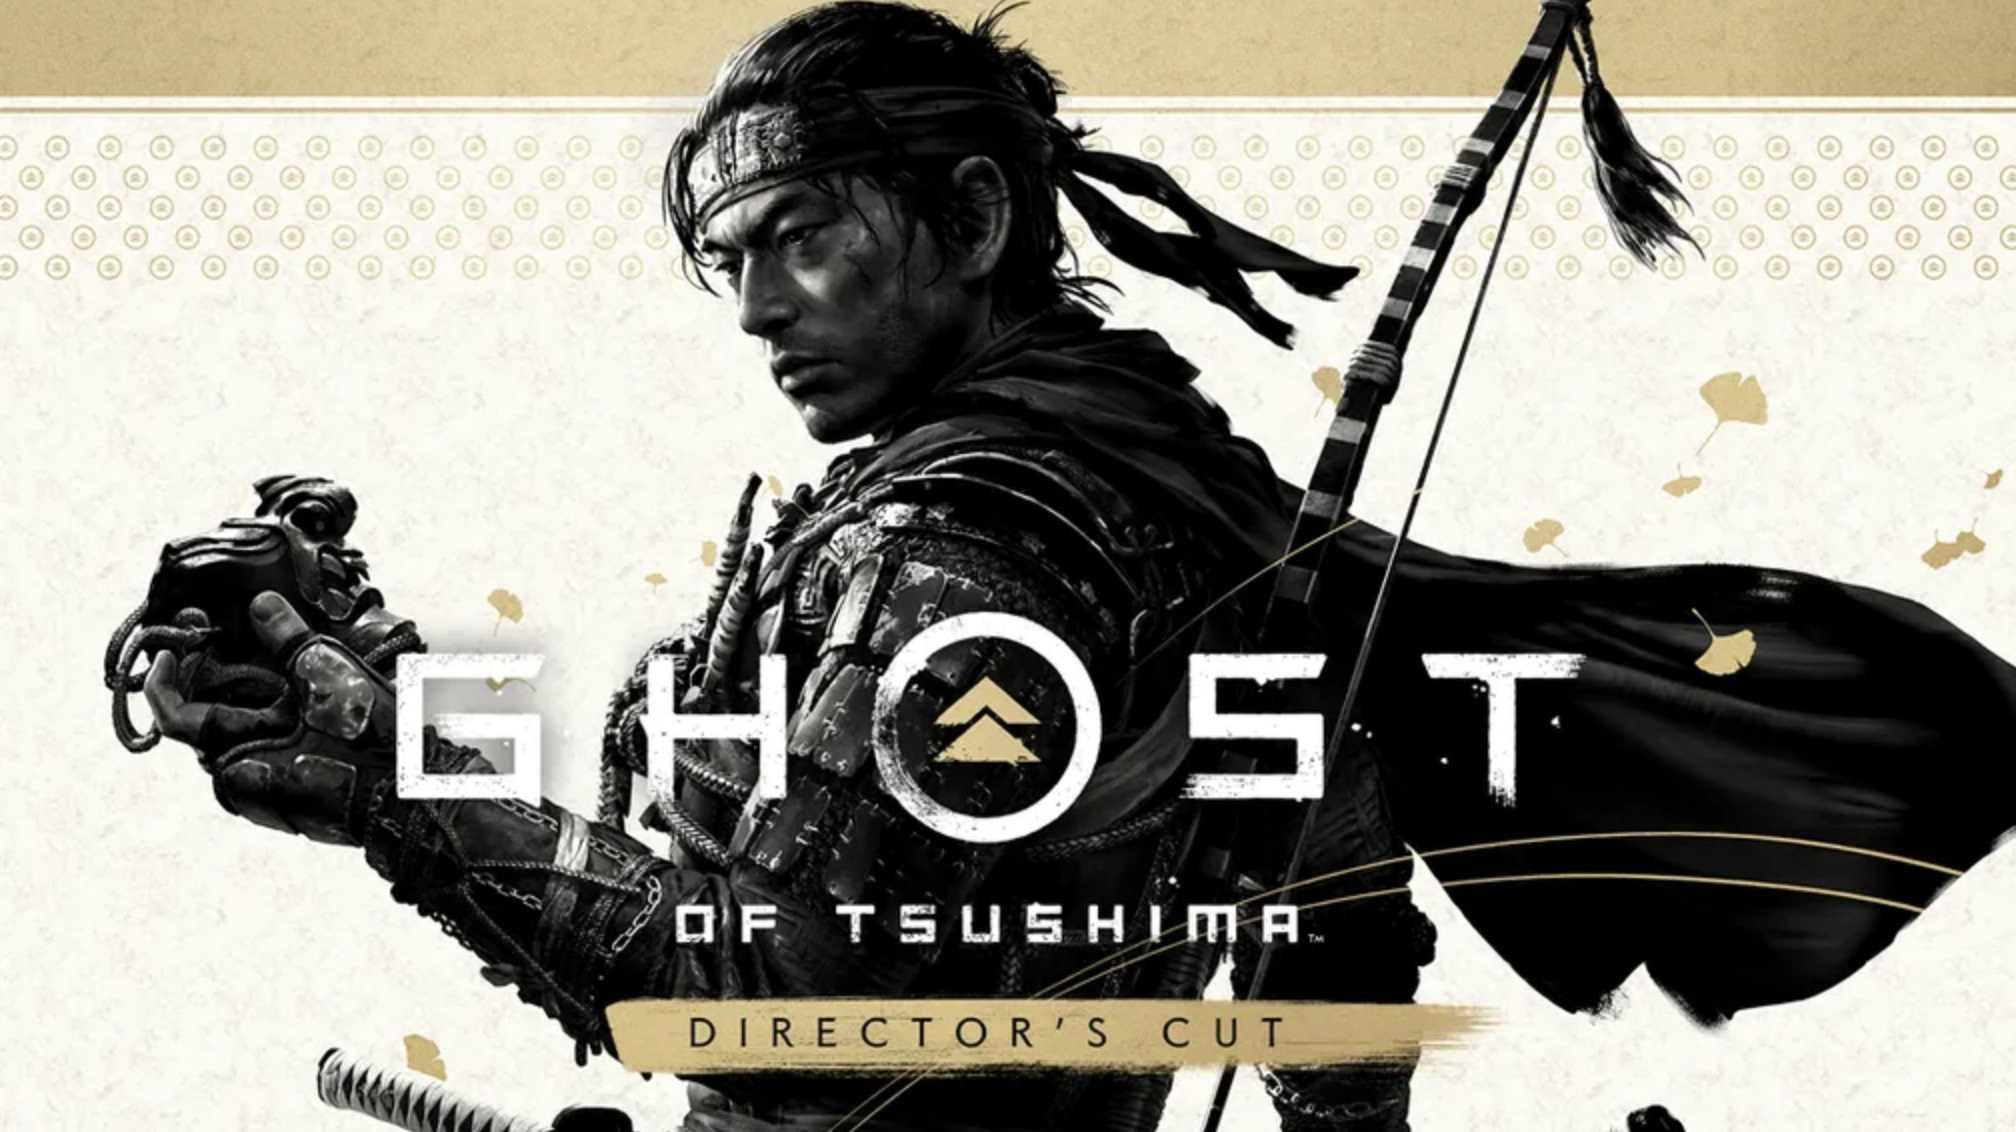 بررسی ویدیویی بازی Ghost of Tsushima Director's Cut؛ بازگشت سامورایی